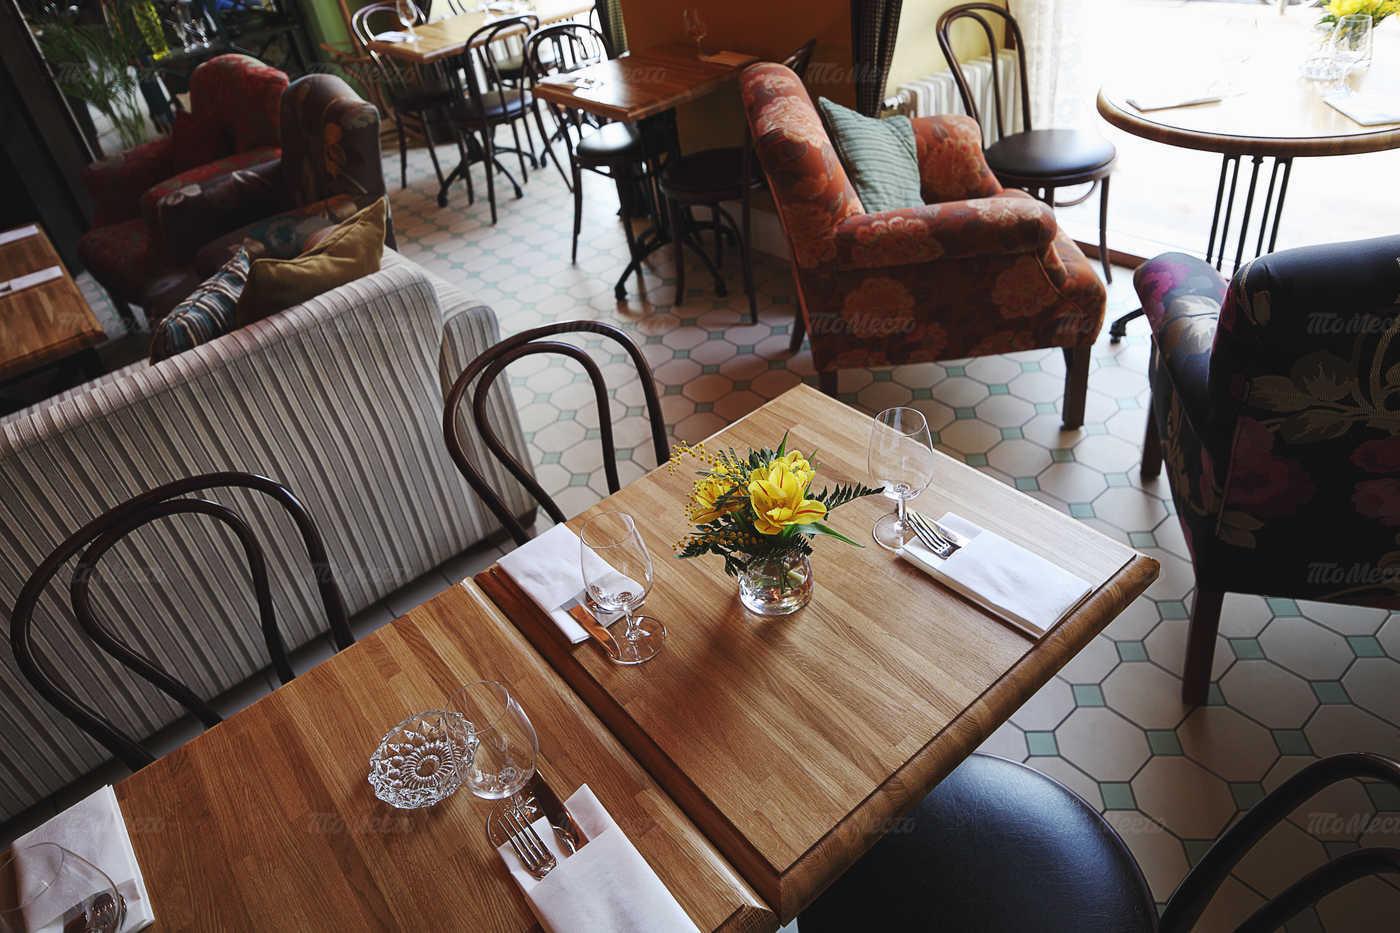 Меню ресторана Голубка (Golubka) на Большой Пироговской улице